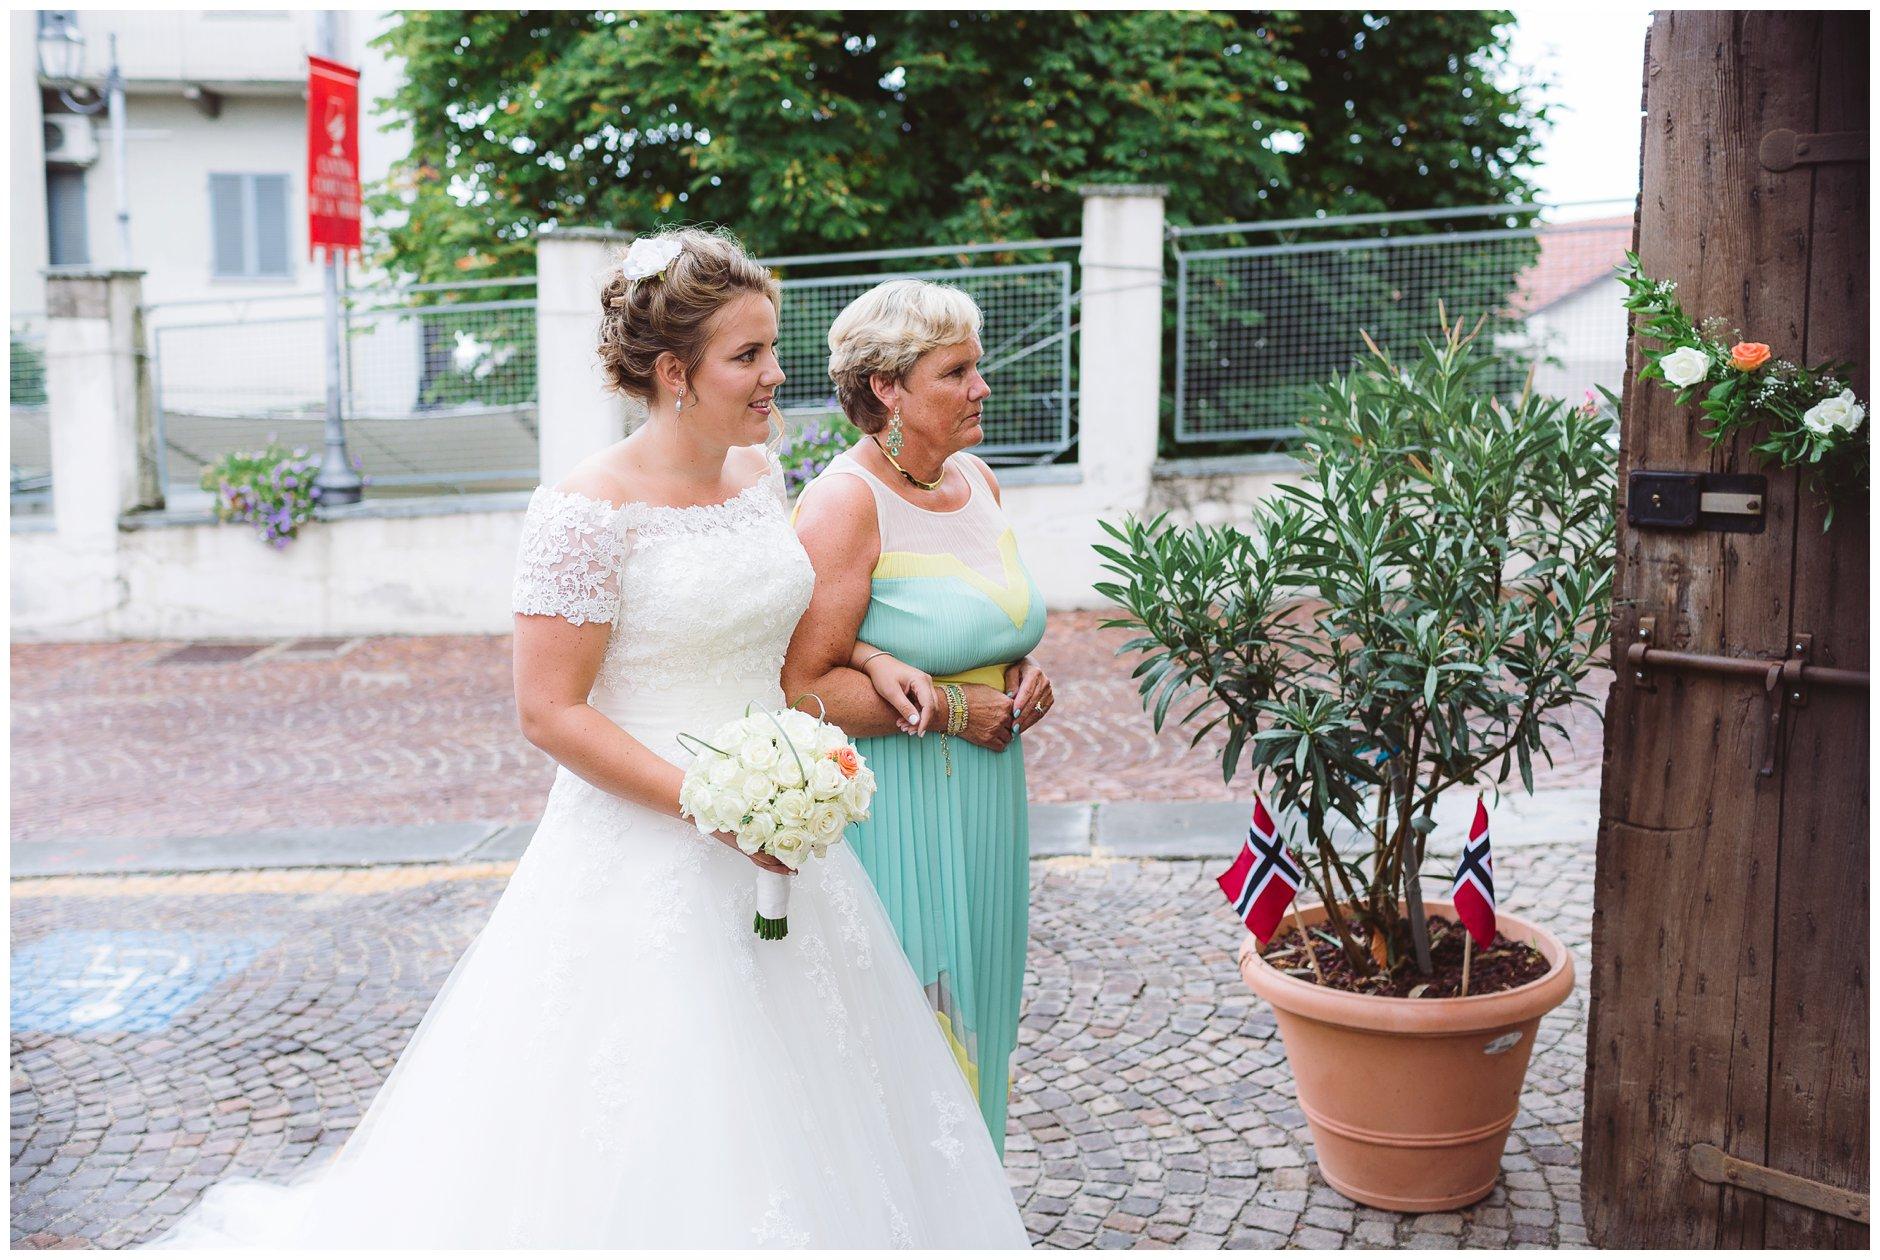 Fotograf-Eline-Jacobine-Bryllup-Ane-og-Børge_0049